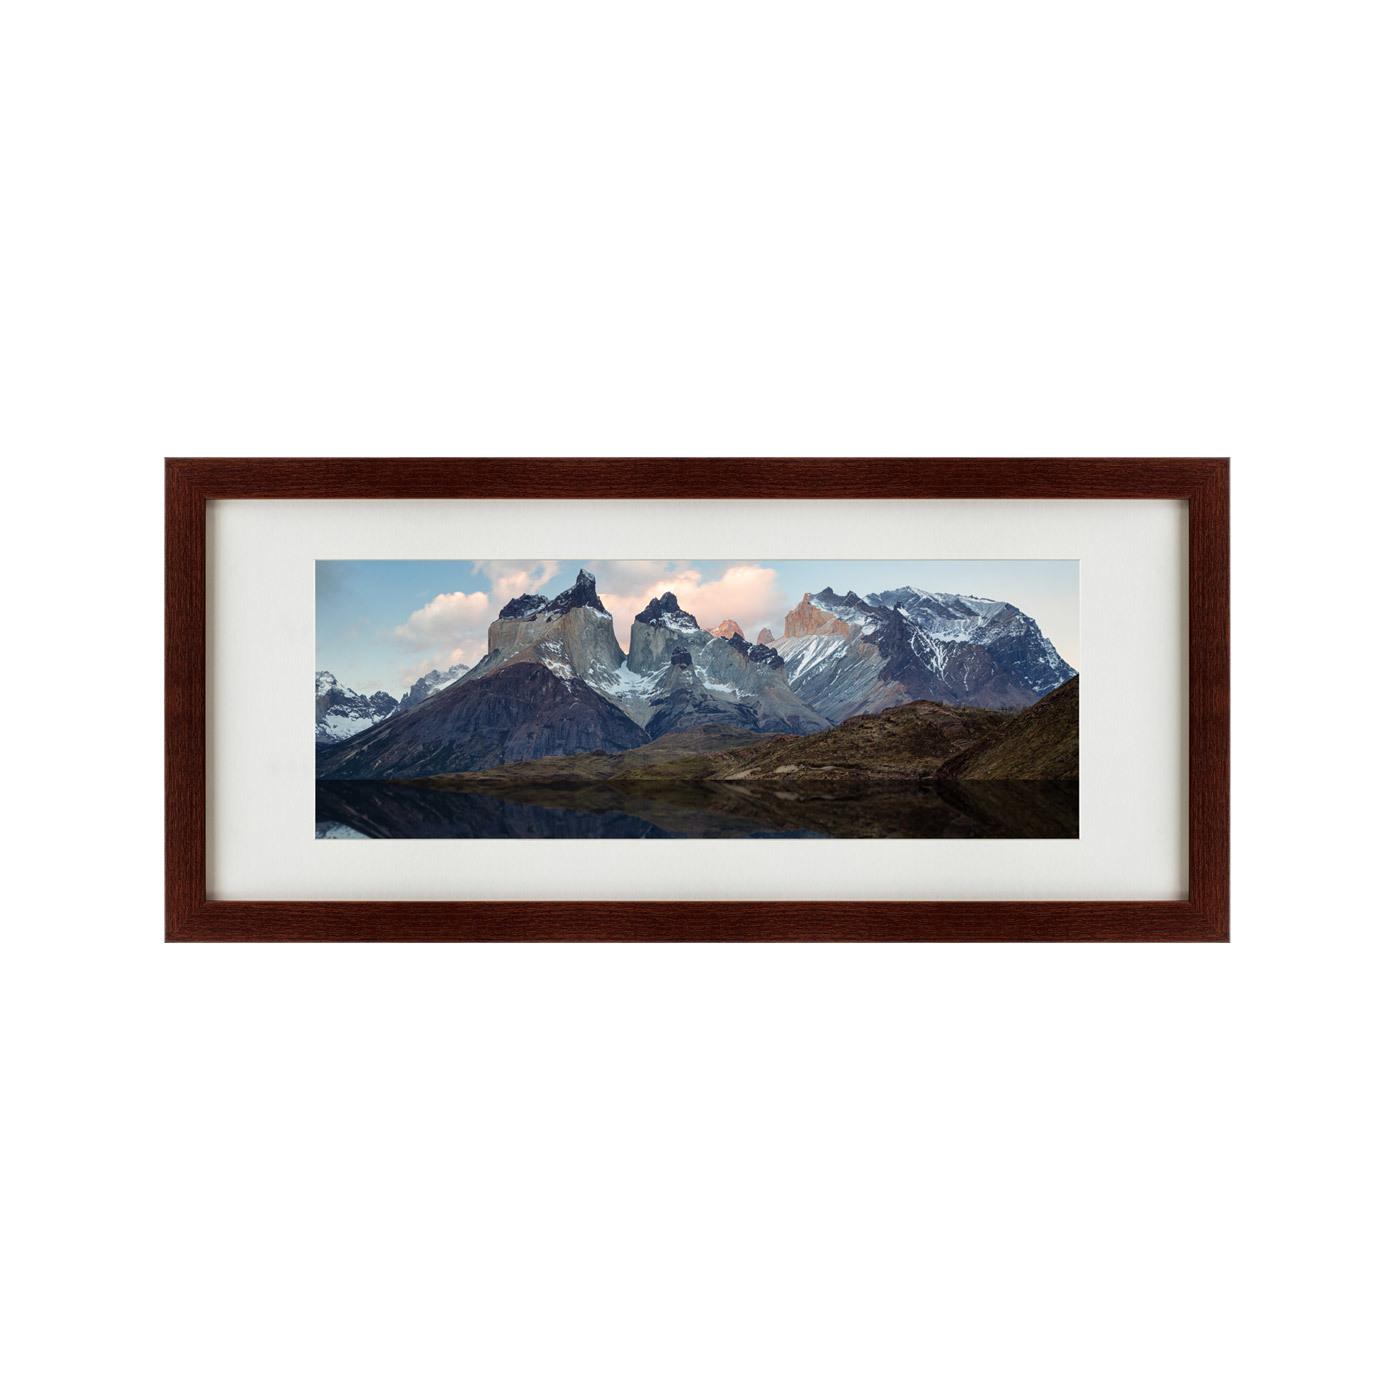 {} Картины в Квартиру Картина Горы Колорадо (35х77 см) картины в квартиру картина озеро этюд на закате 35х77 см